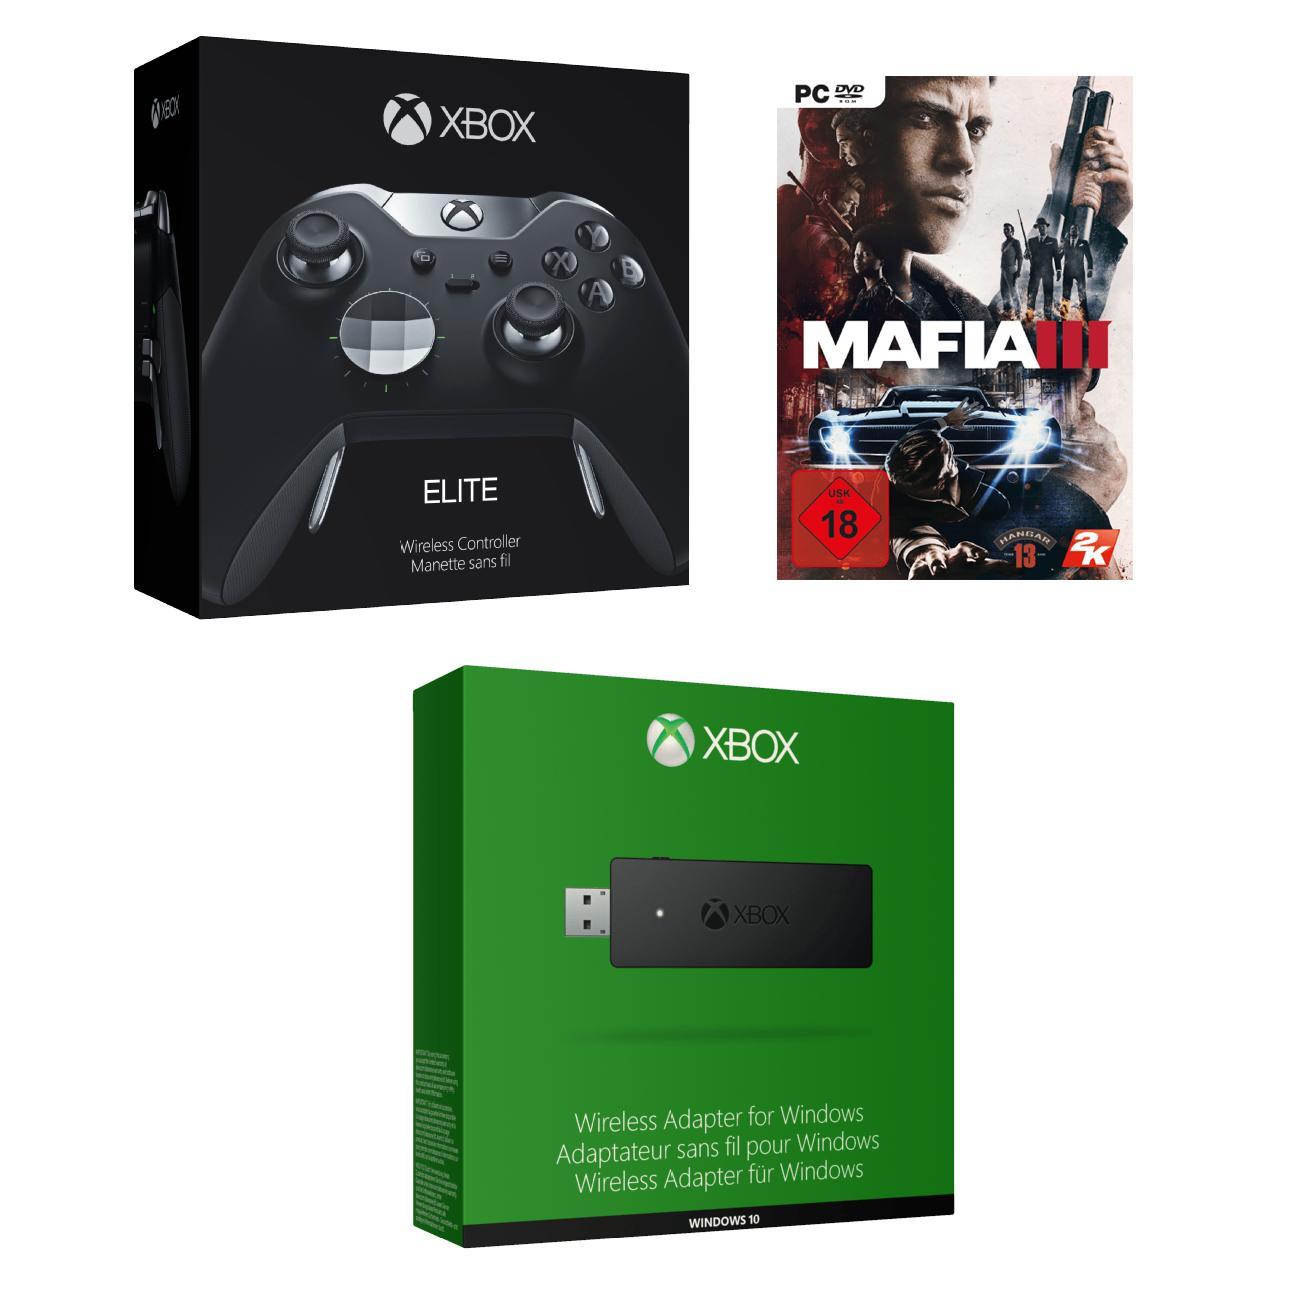 Manette Xbox One Elite + Adaptateur sans fil Windows + Mafia 3 sur PC